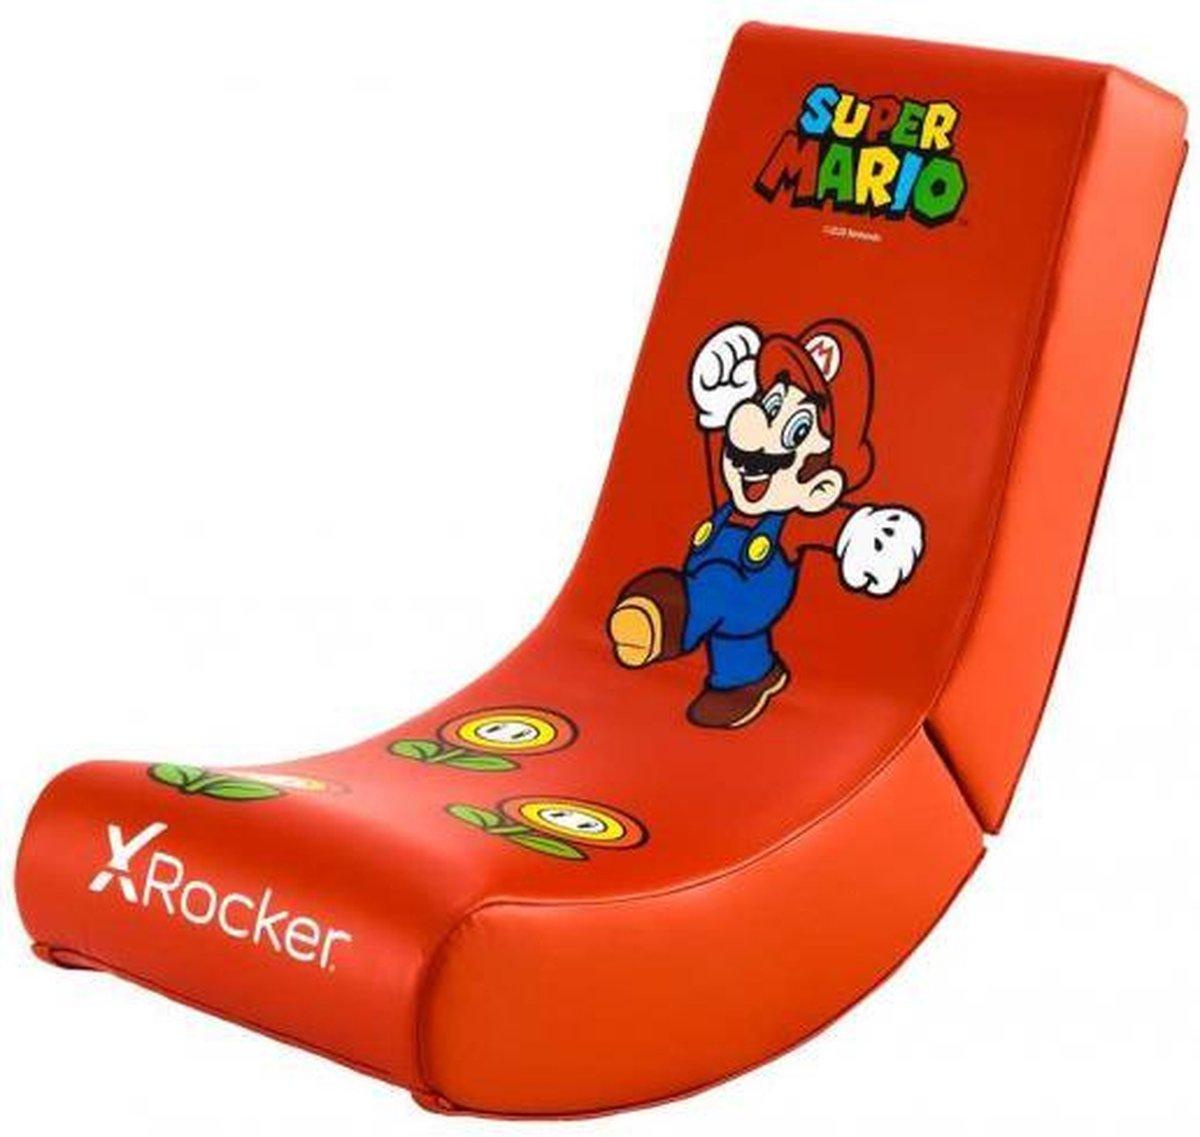 X Rocker Nintendo Video Rocker - Super Mario AllStar Collectie - Mario Gaming Stoel